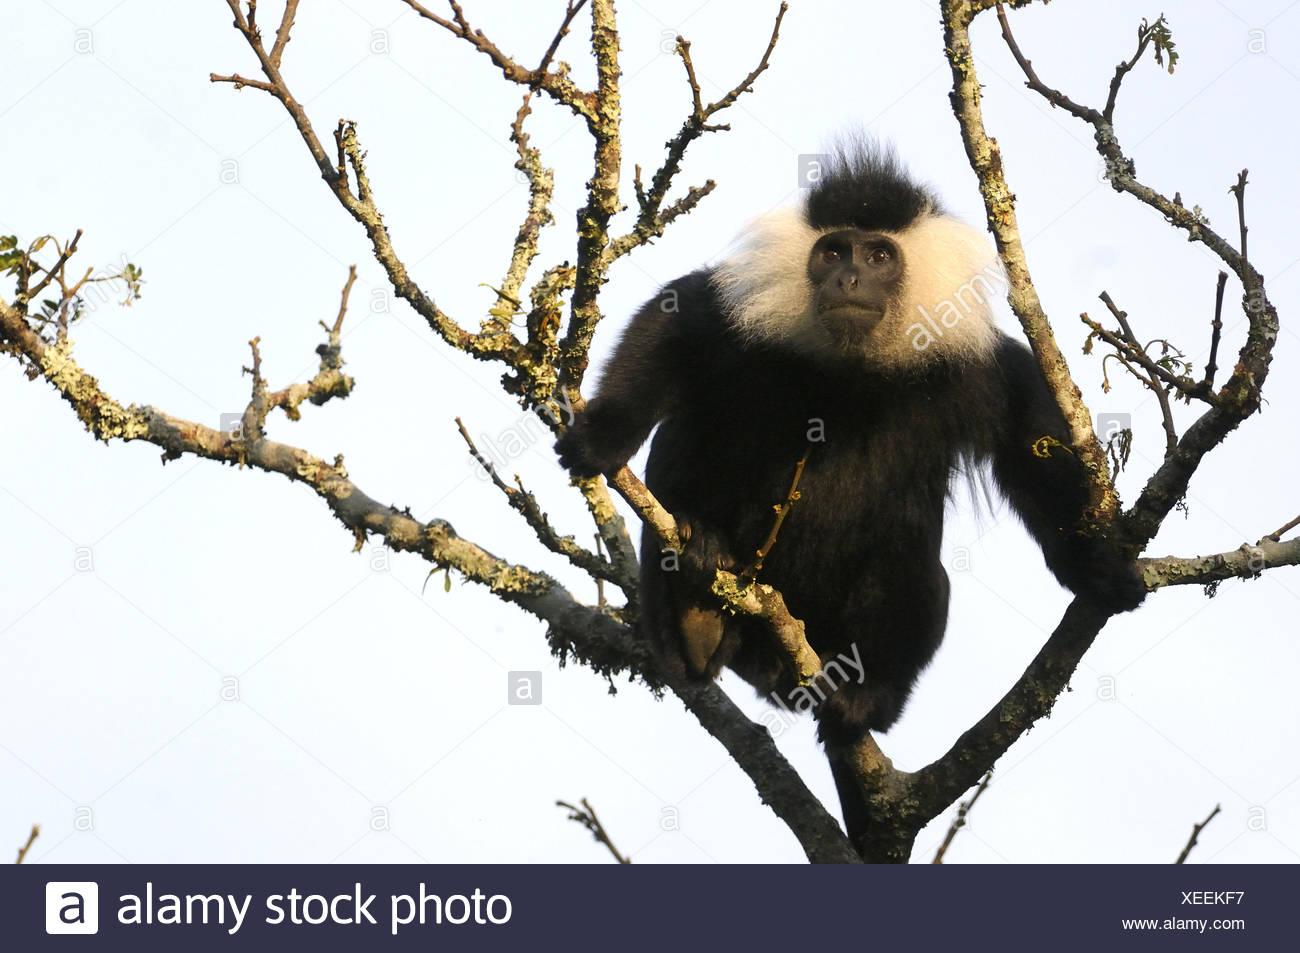 Eastern black and white colobus monkey (Colobus guereza) Nyunguwe National Park, Rwanda, Africa - Stock Image